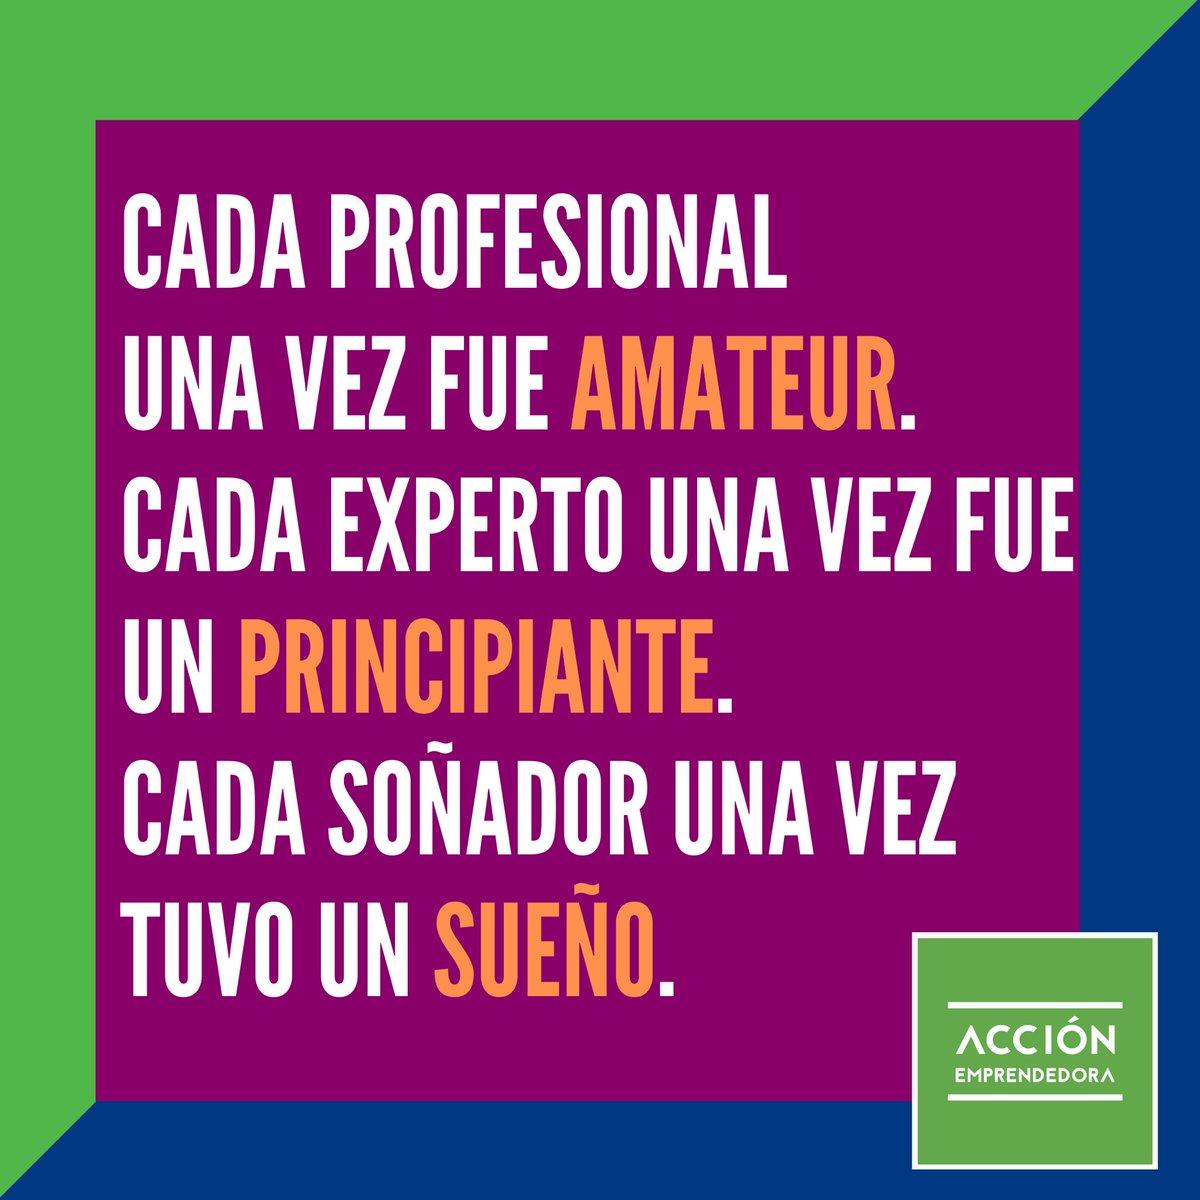 Cada profesional una vez fue amateur, Cada experto una vez fue un principiante, Cada soñador una vez tuvo un sueño.  #EmprendeConAE #Chile #Lunes #Amateur #Principiante #Sueño #Soñador #Experto #Profesional #AccionEmprendedora #bussiness #Vamos #emprendimiento https://t.co/0j3283AFGc